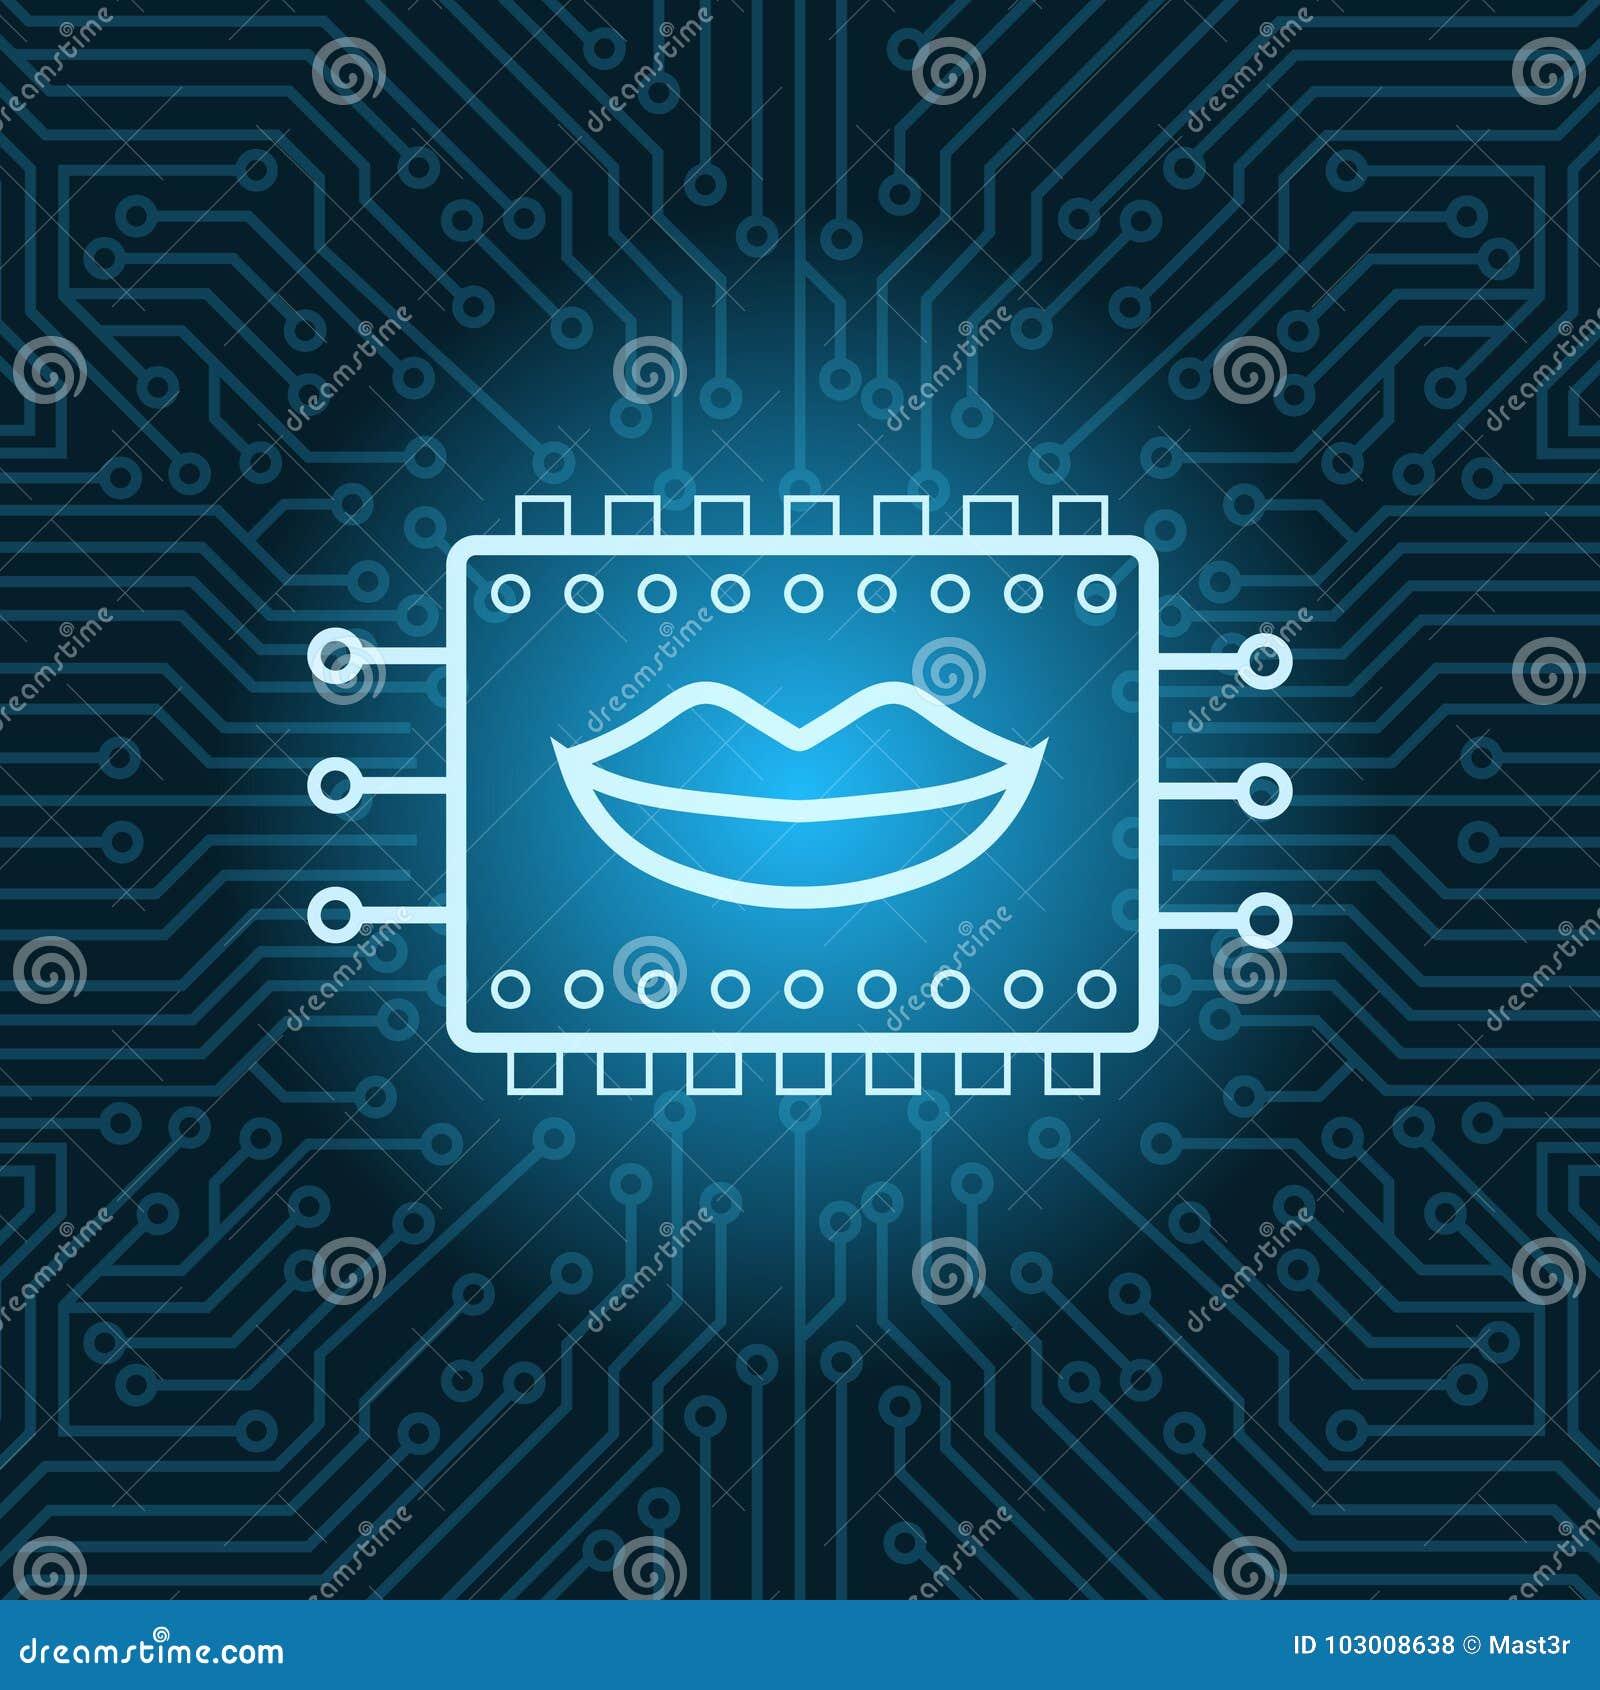 Icono humano de la boca en el fondo de Chip Over Blue Circuit Motherboard